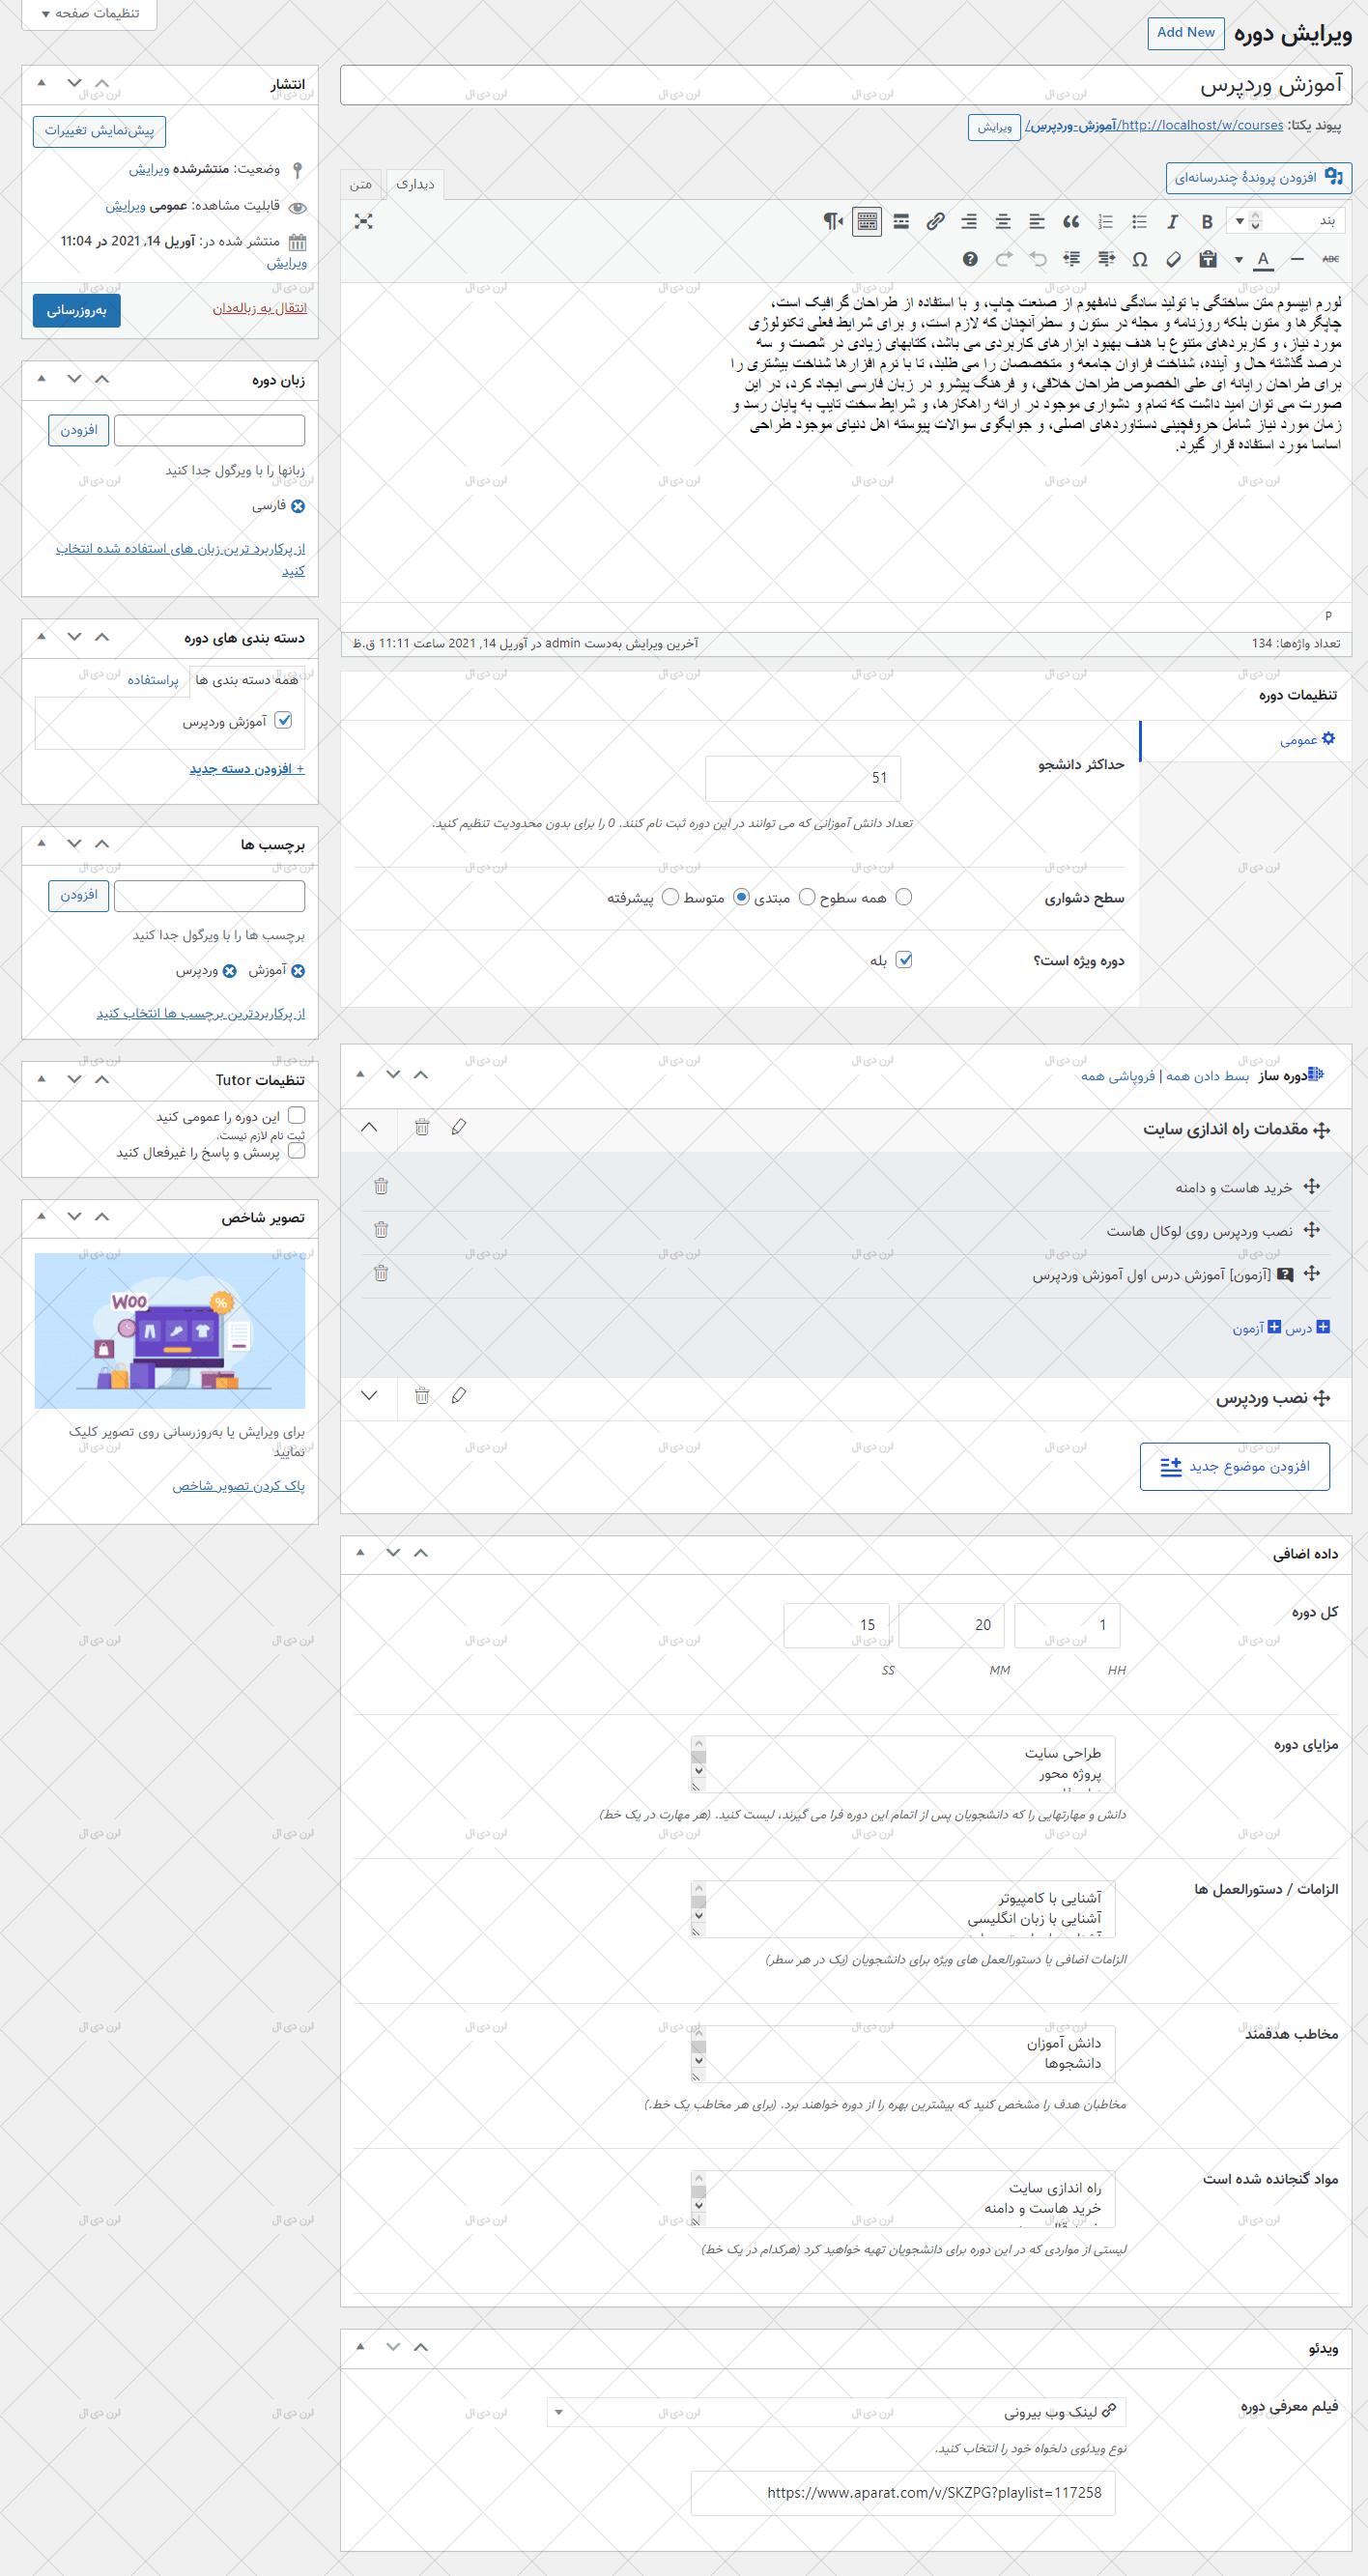 قالب فارسی Edumall برای سایت های آموزشی وردپرس